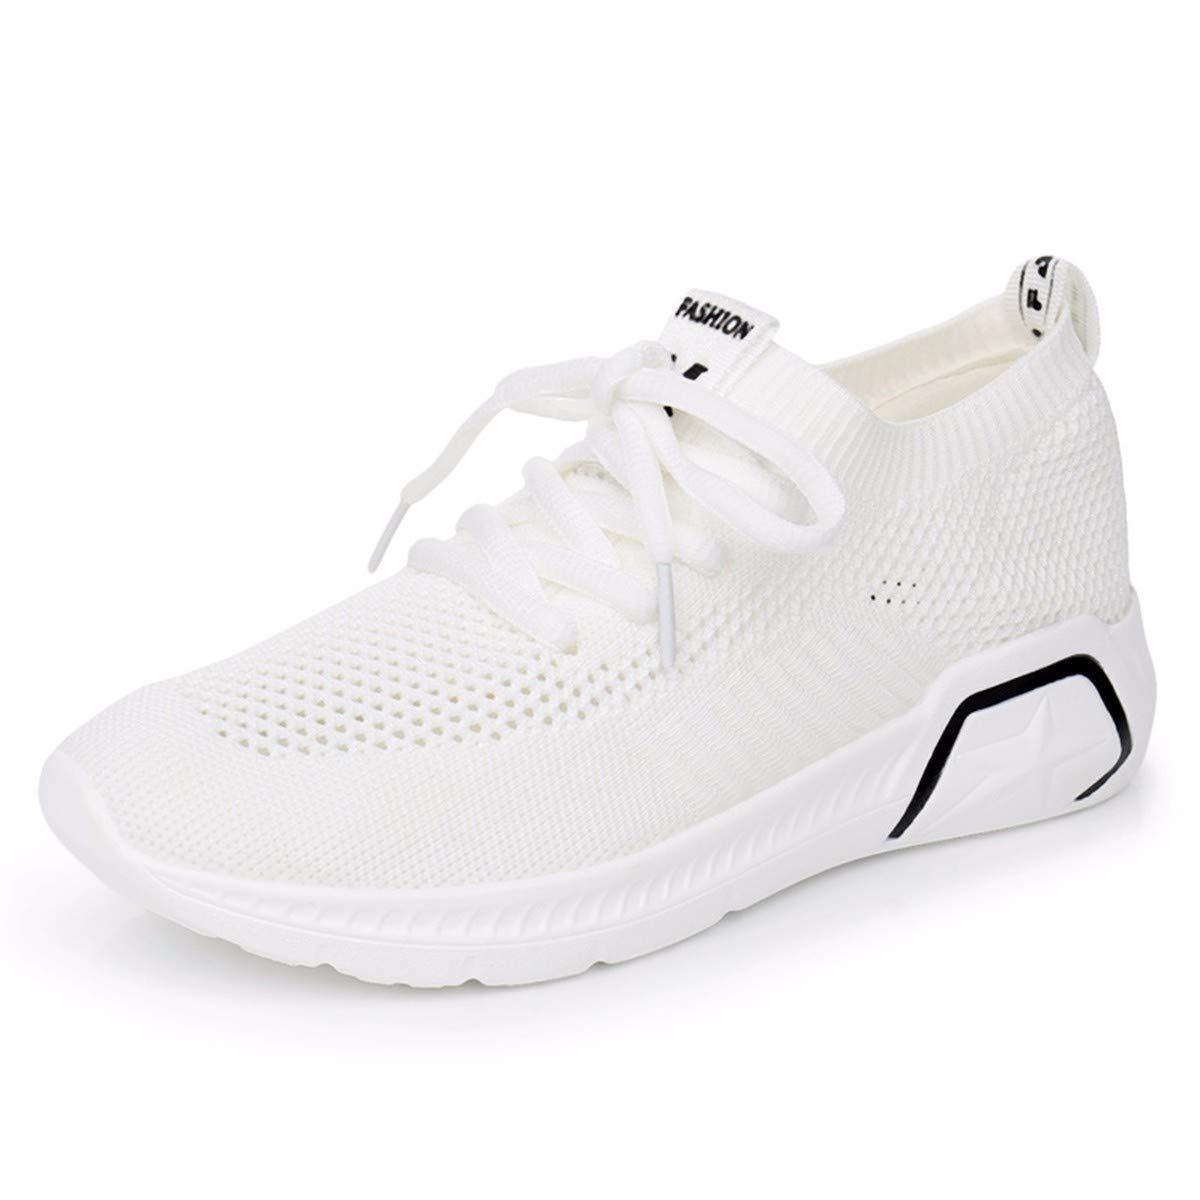 GTVERNH Damenschuhe Mode Sommer Gewirkt Damenschuhe Sport - Boden Boden Boden - Wasser Bohren Casual Schuhen Elastische Strümpfe Schuhe Atmungsaktive Frühjahr Schuhe. f83e32